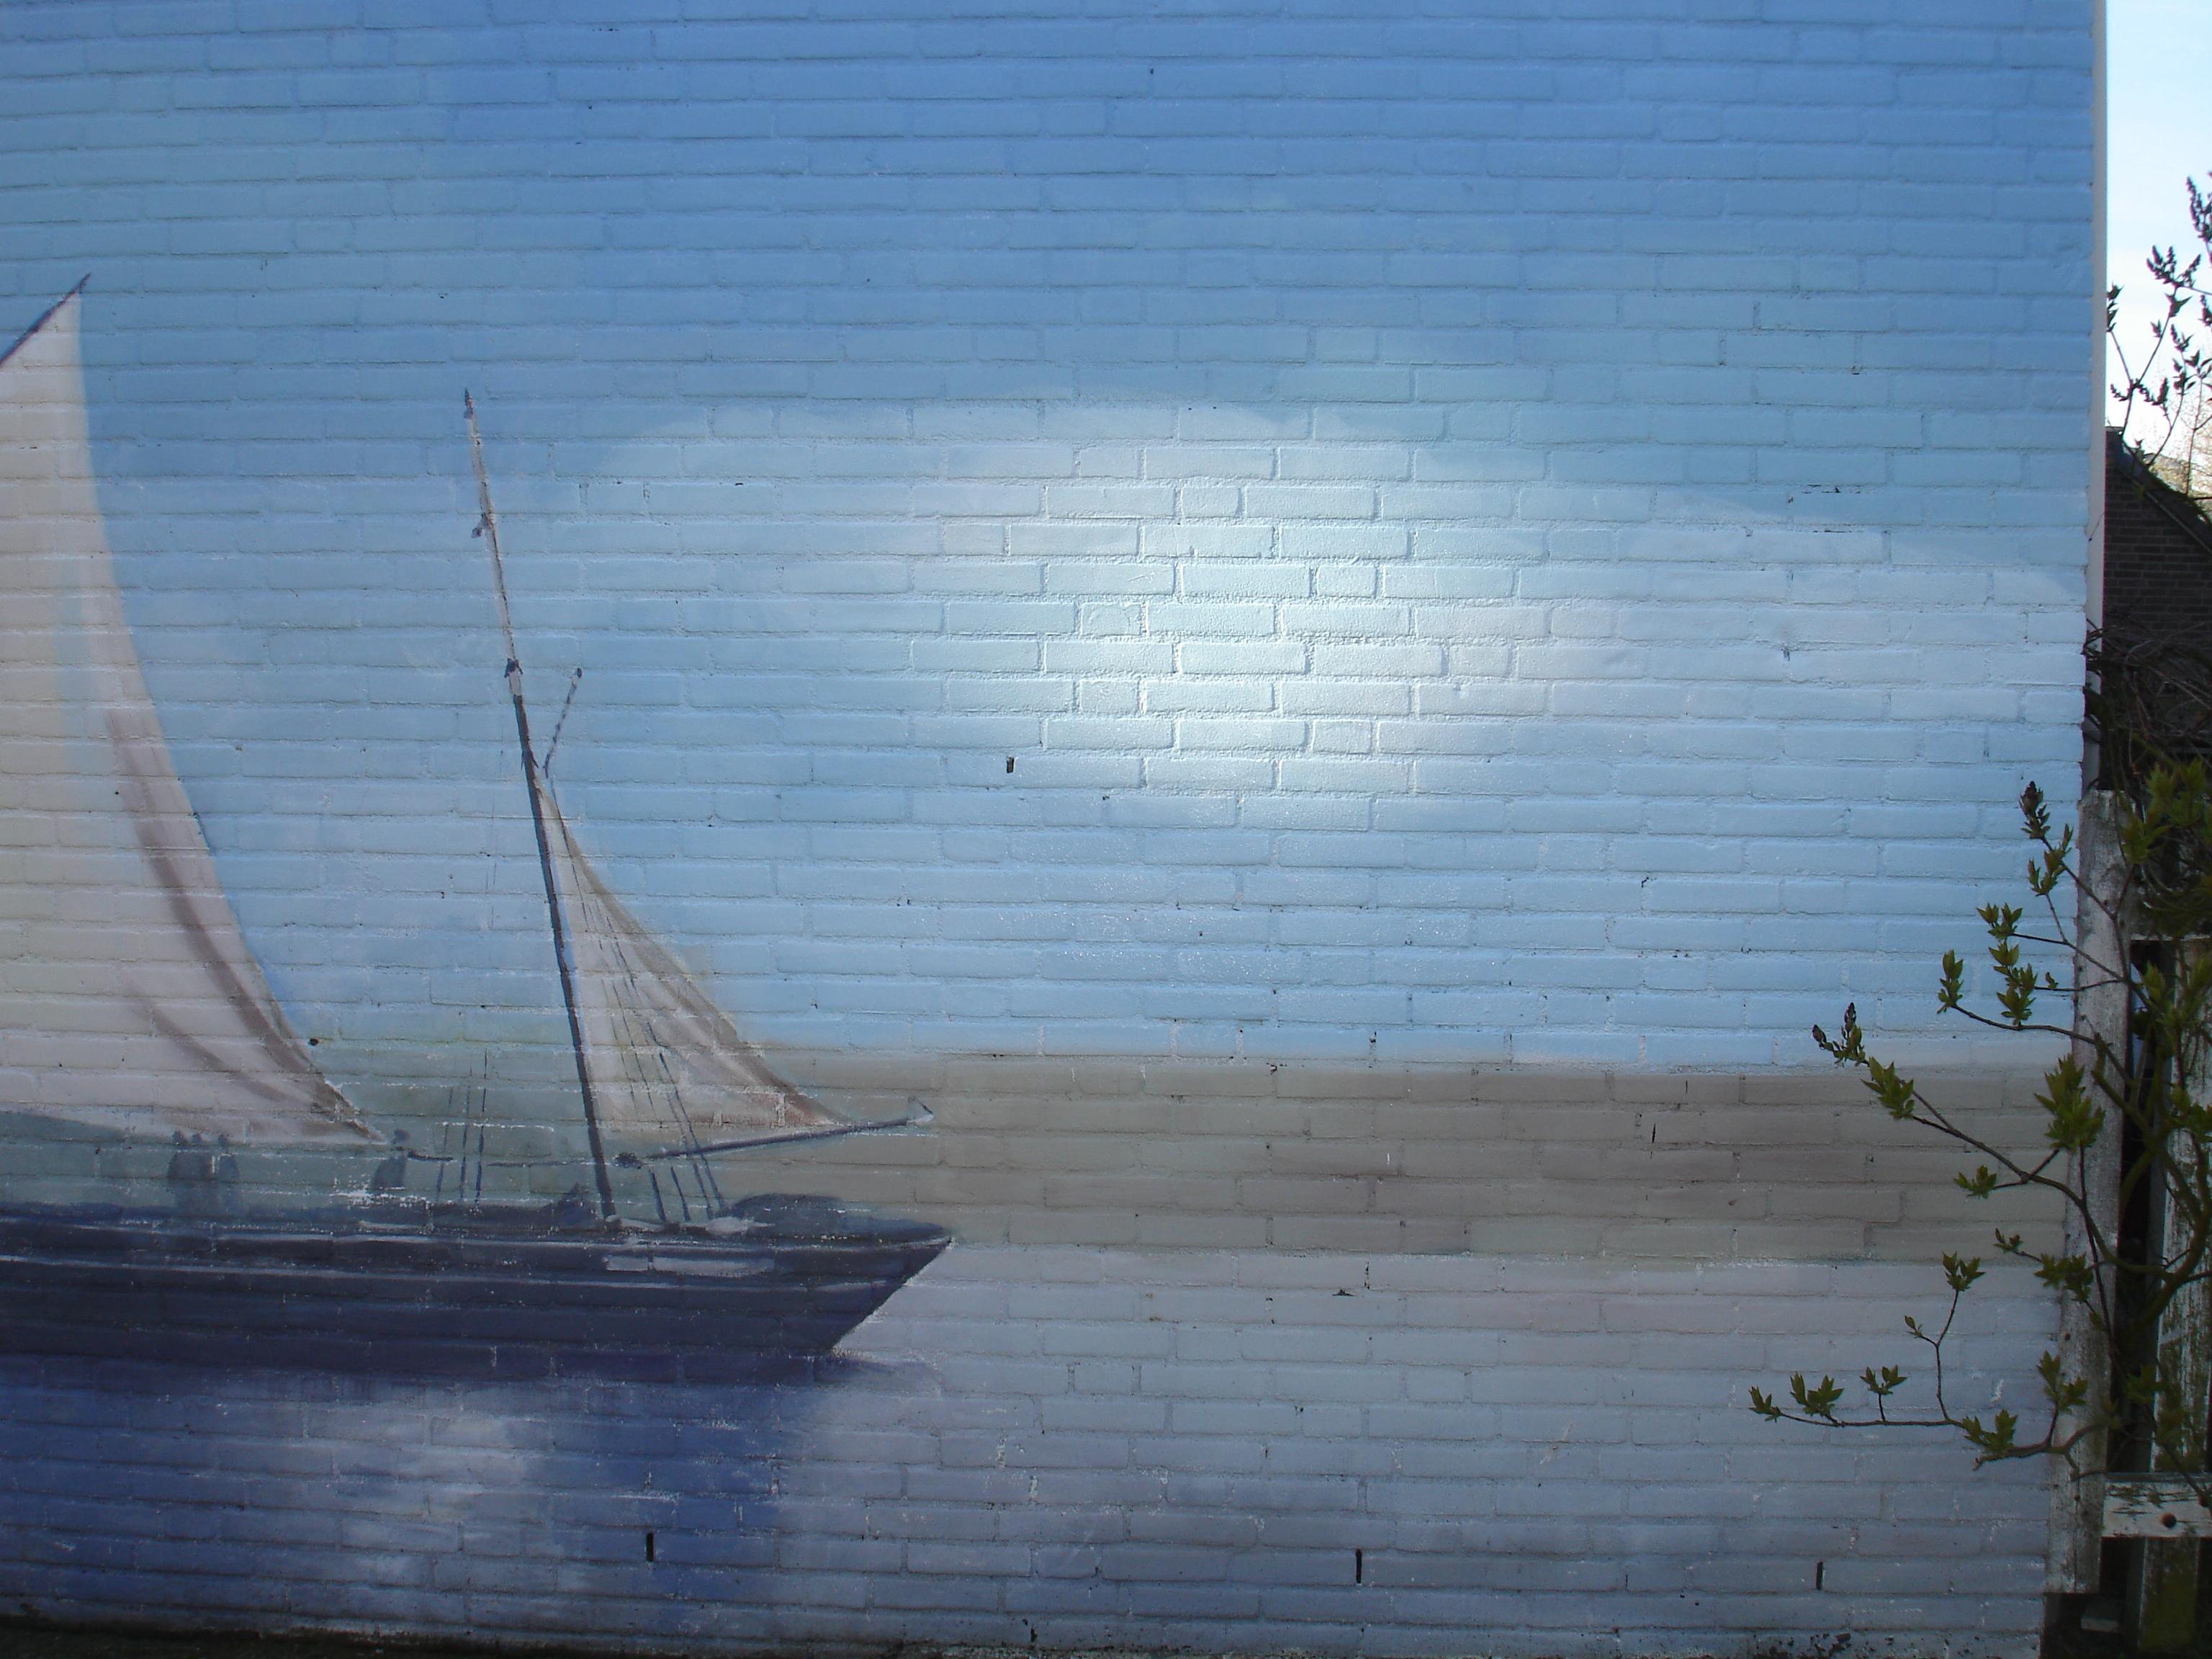 kunstwerk scholstr 2010 (4)